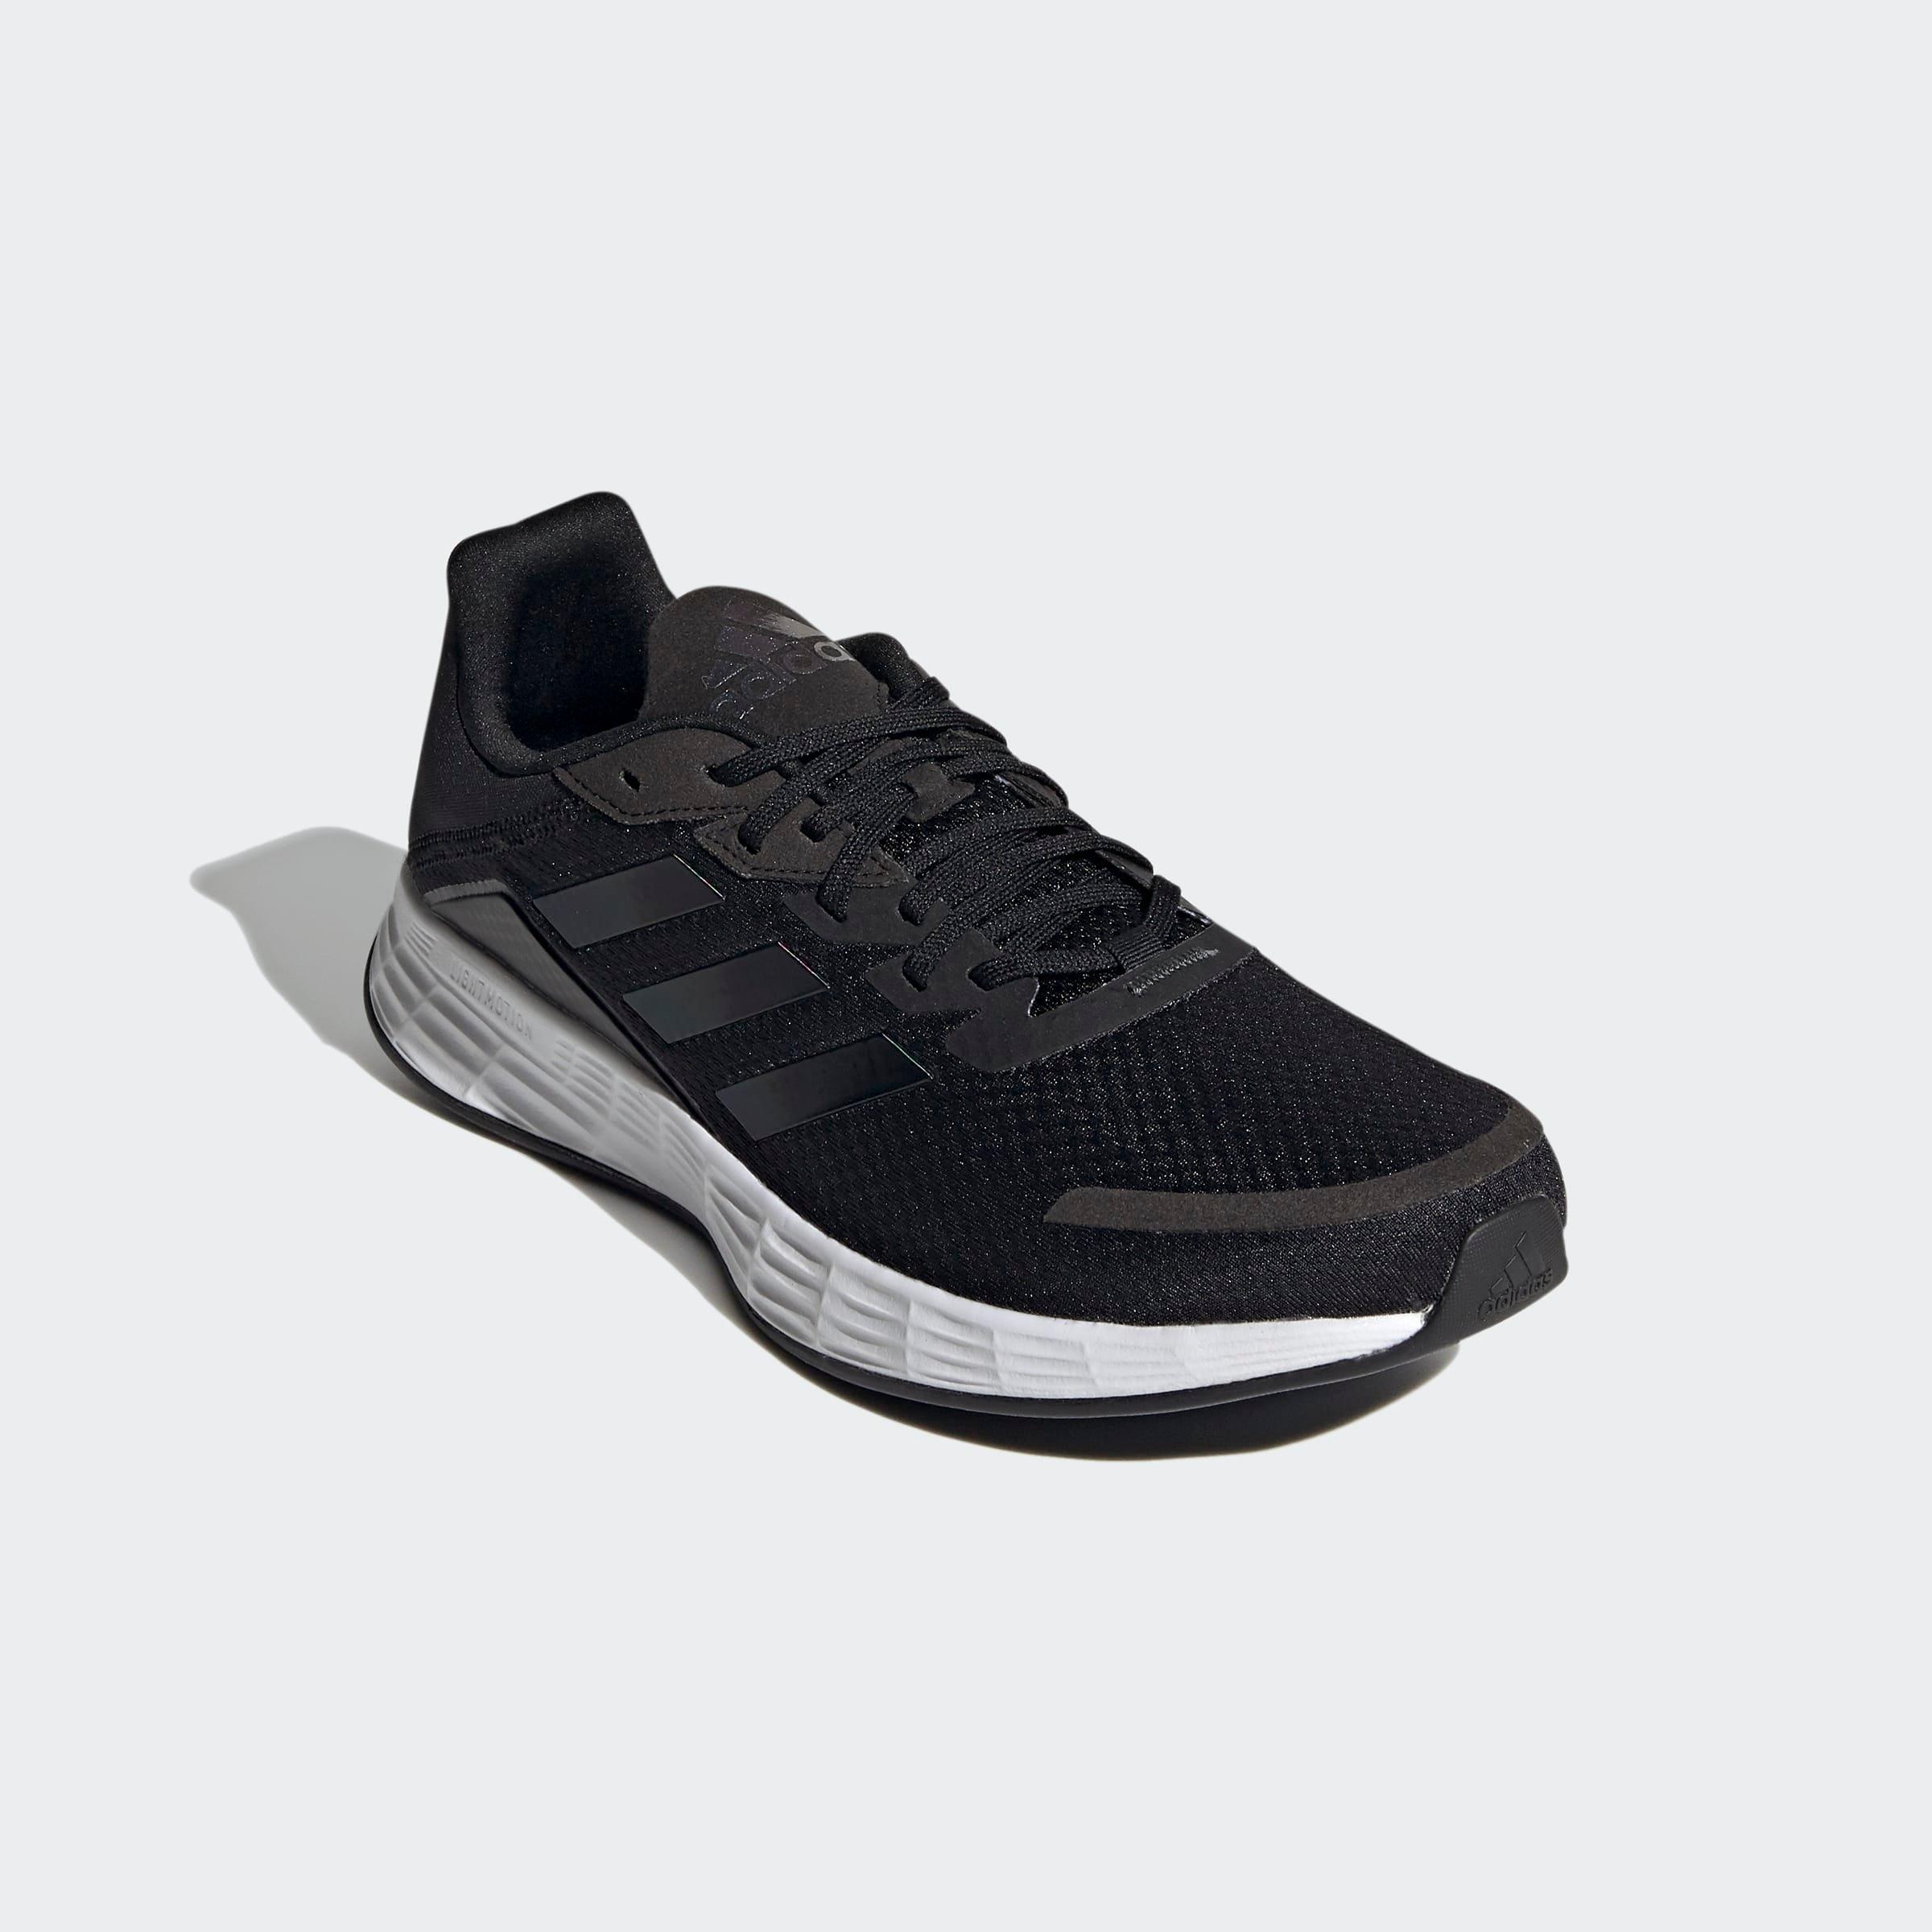 adidas runningschoenen DURAMO SL nu online kopen bij OTTO